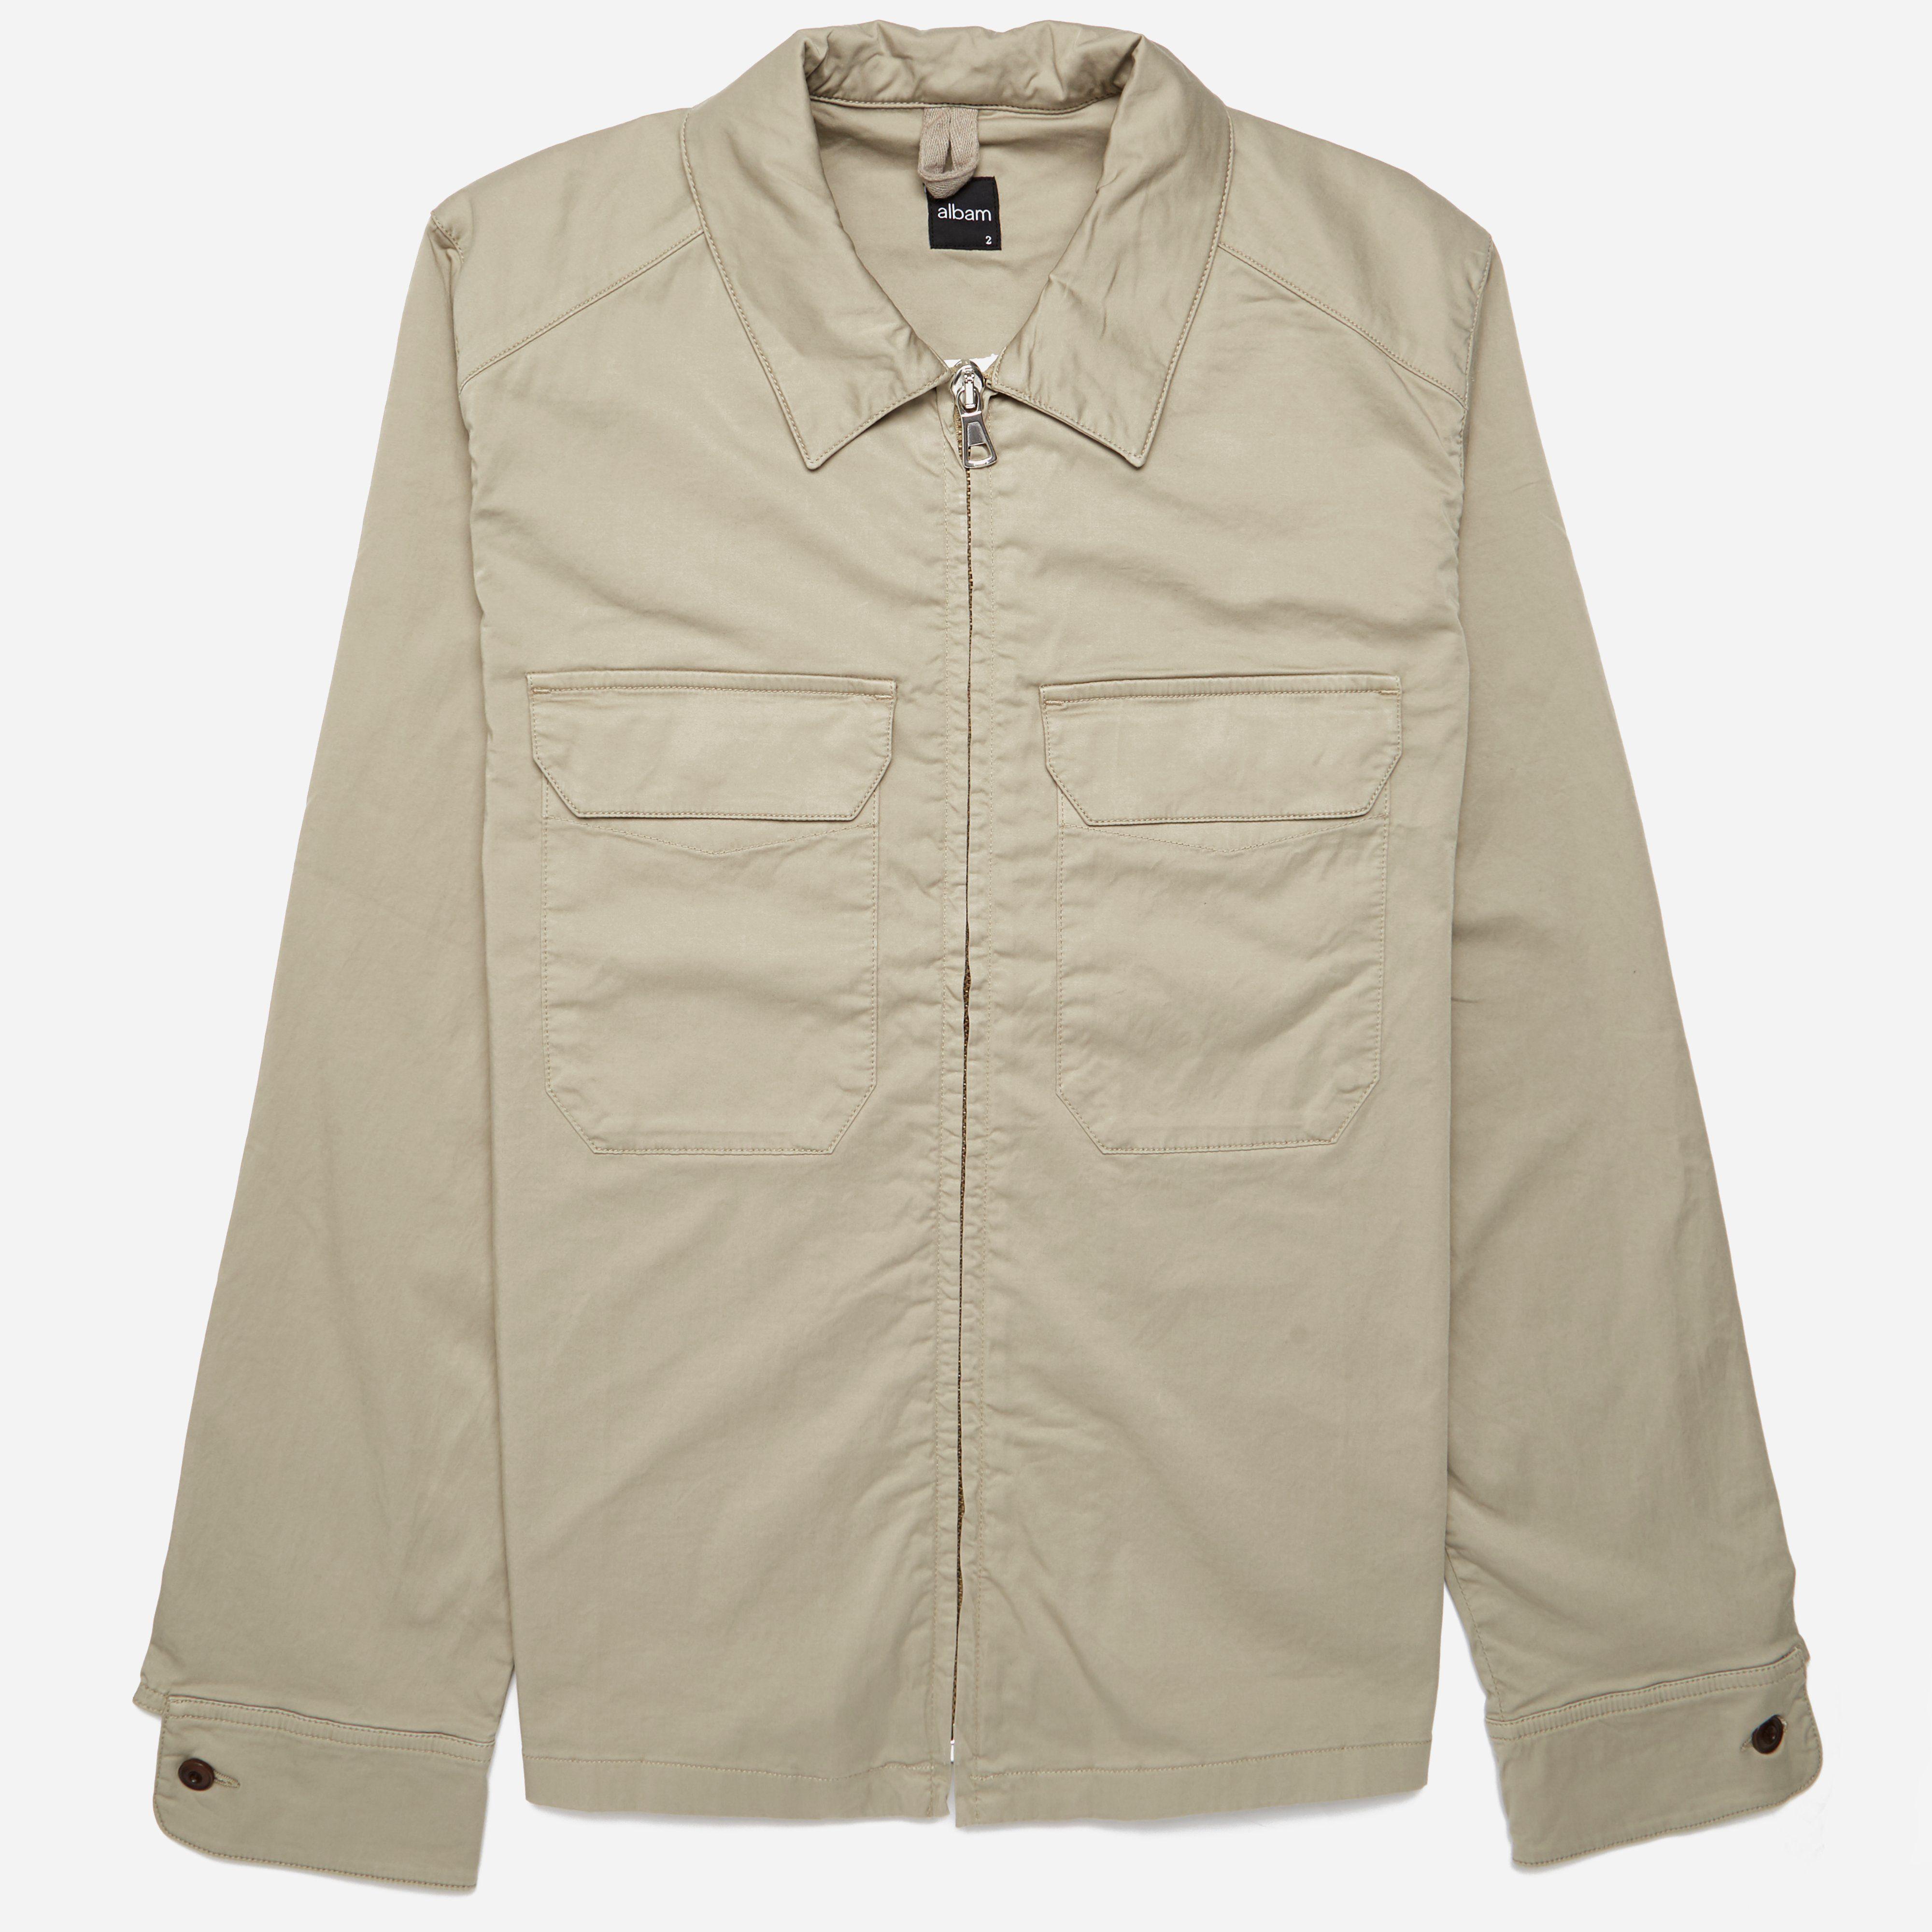 Albam Advisors Jacket